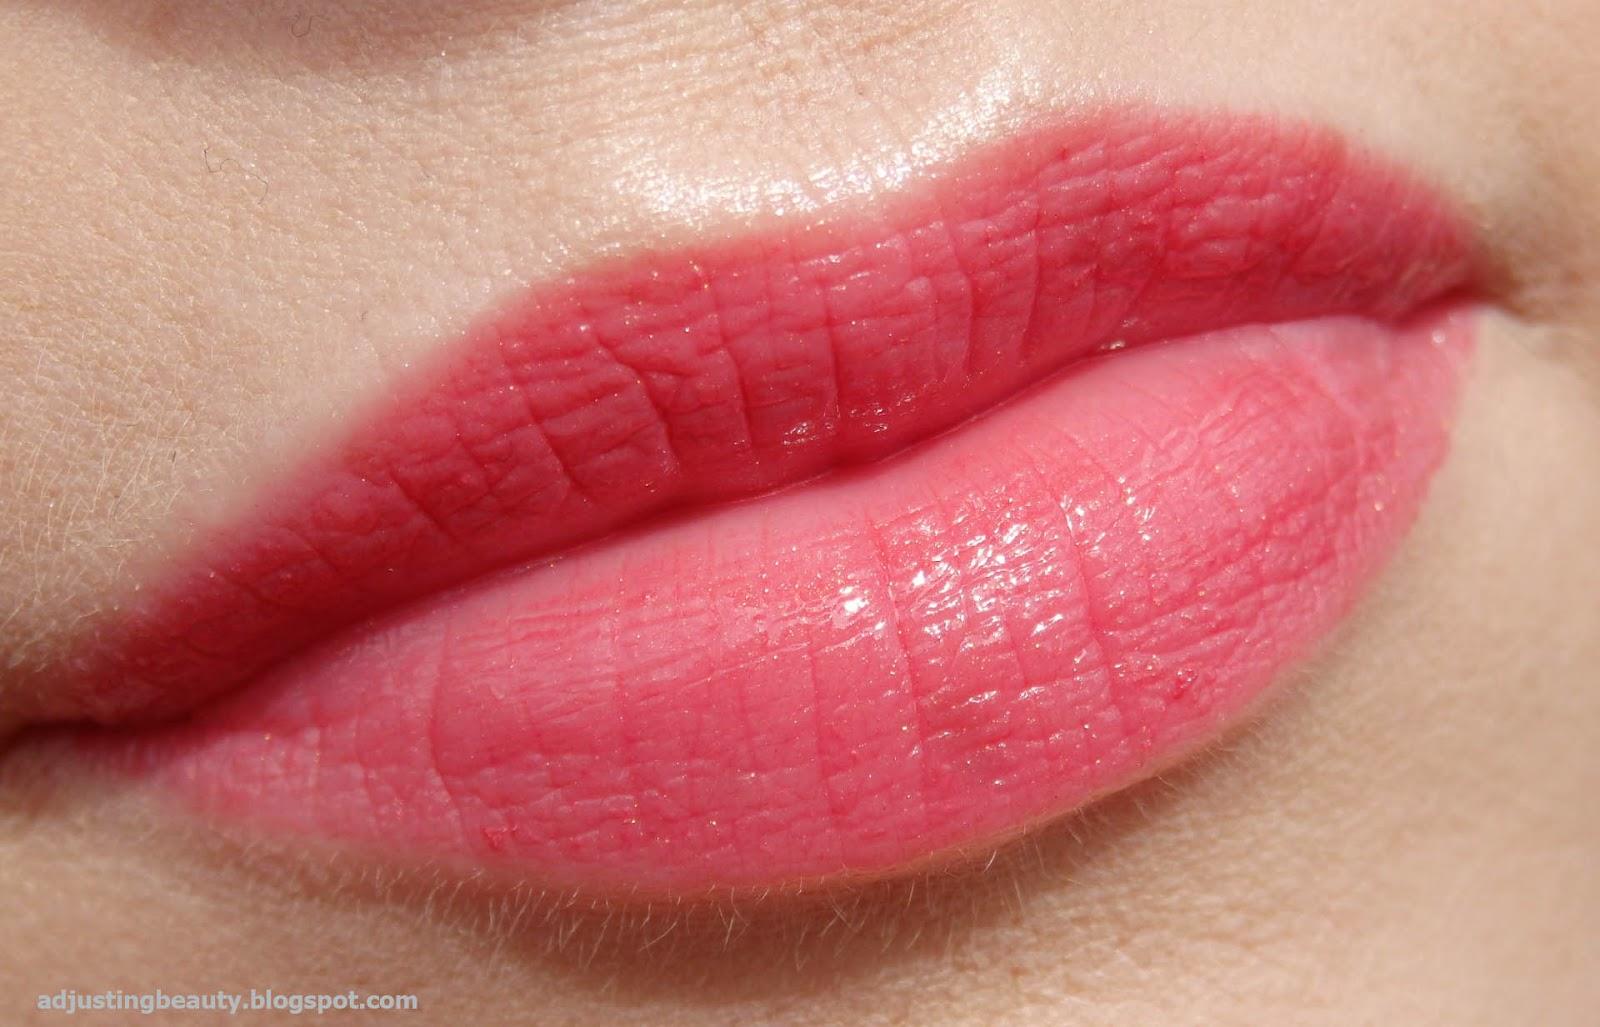 Very nice lips